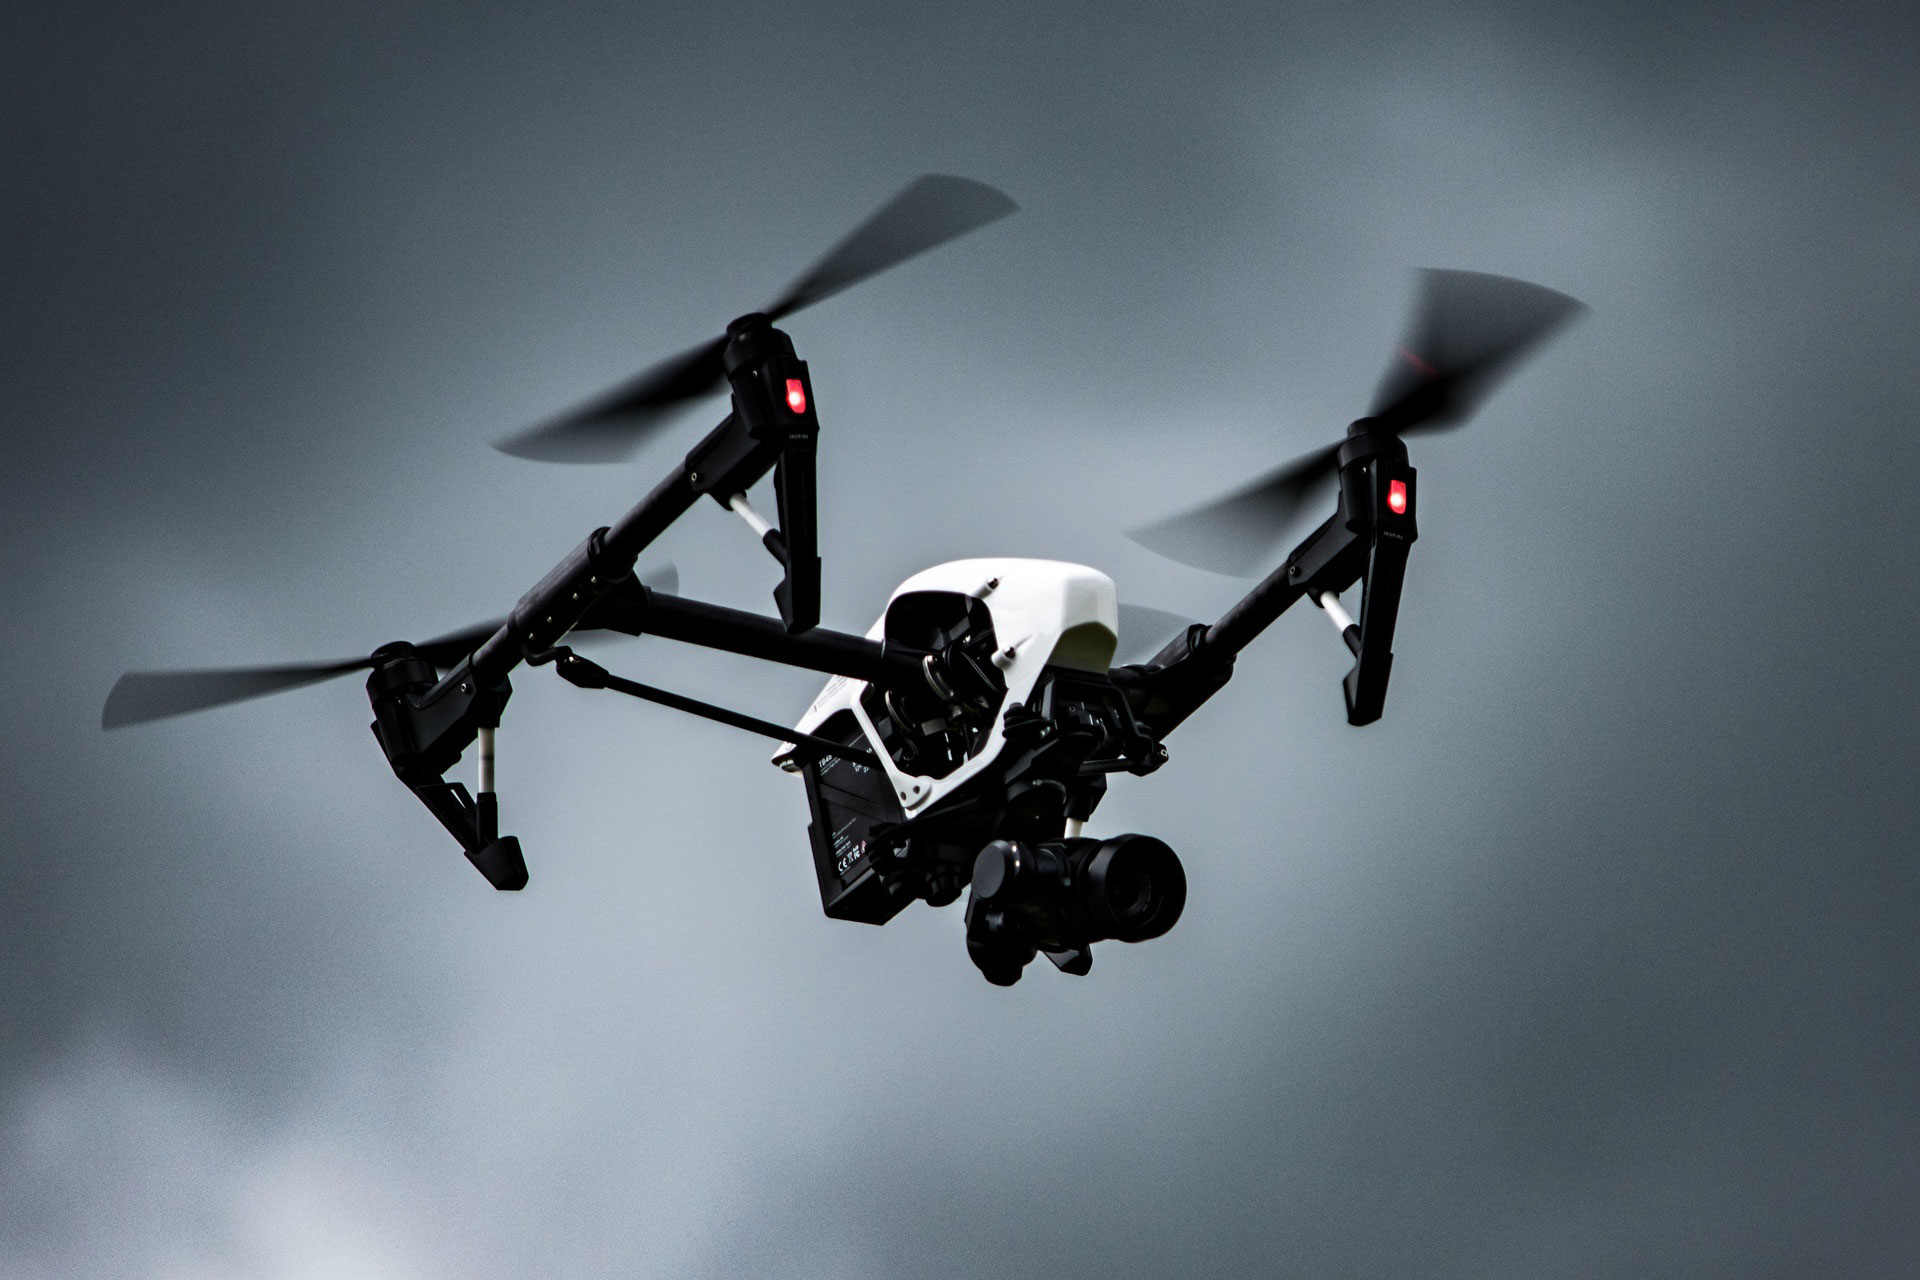 Fliegende Tennis-Roboter als Trainer der Zukunft?